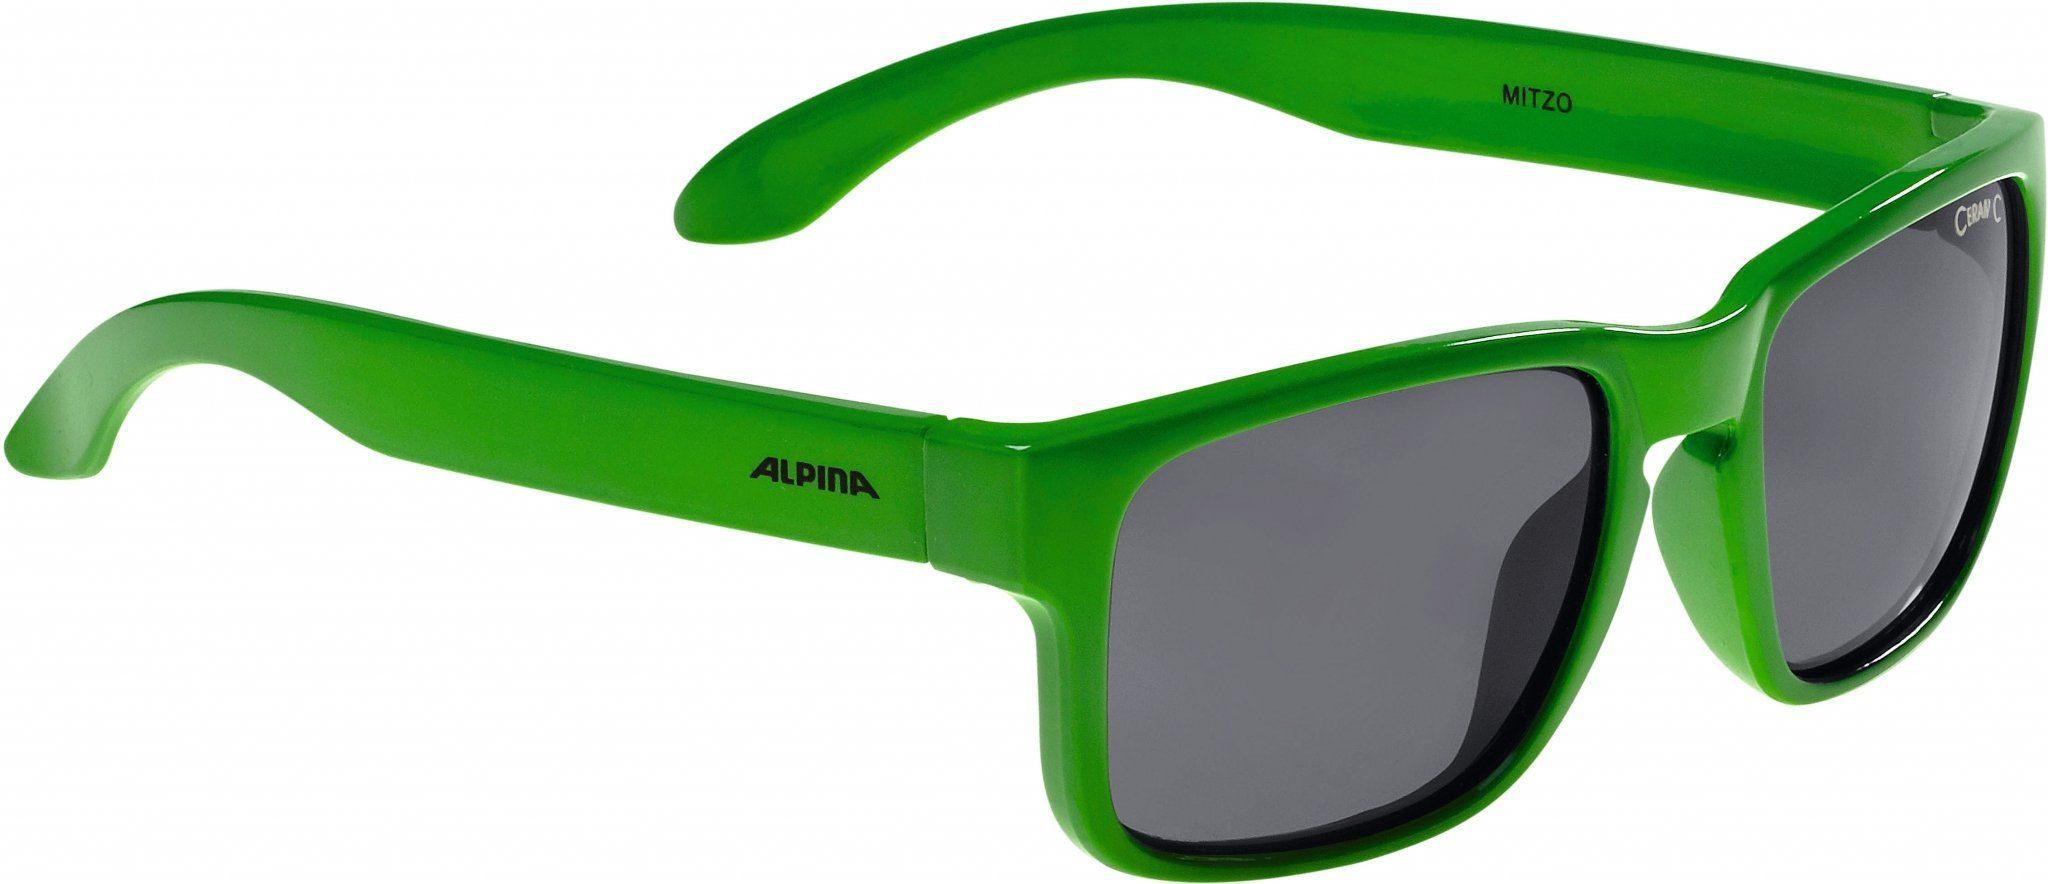 Alpina Radsportbrille »Mitzo Kids«